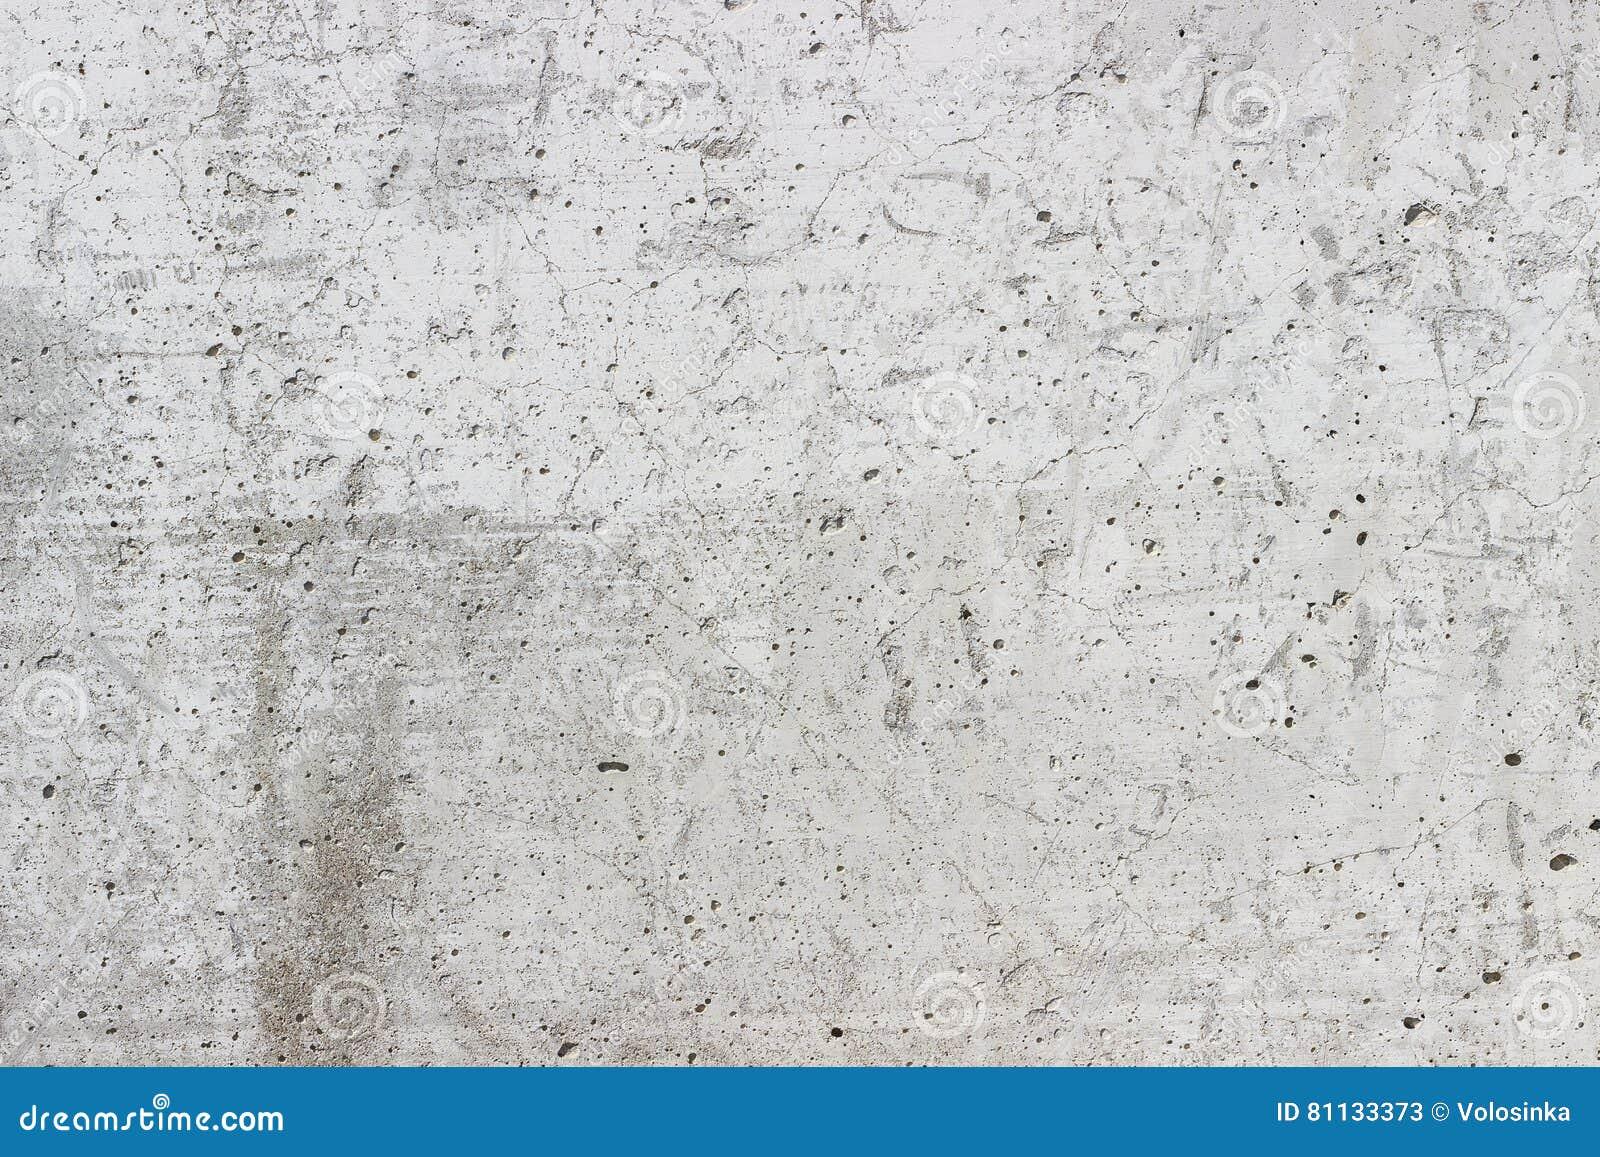 Textura de las paredes blancas cemento u hormig n imagen for Paredes blancas